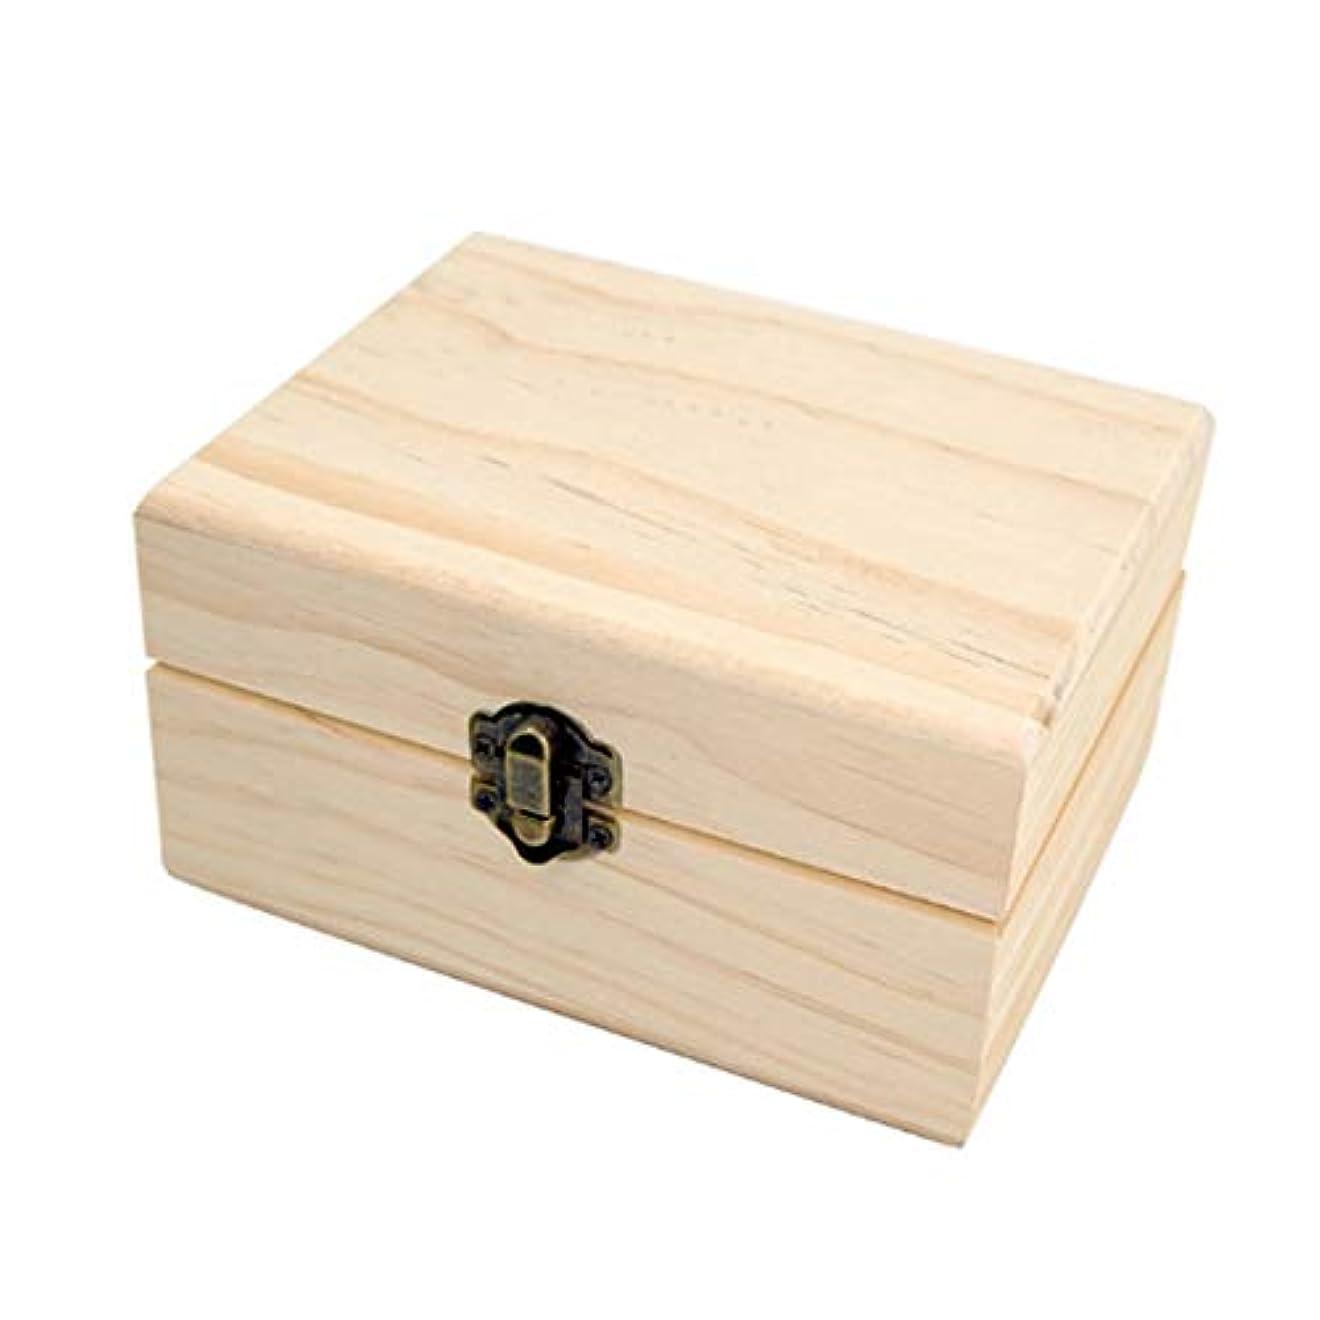 罪測定含意フェリモア エッセンシャルオイル 収納ボックス ボトル用 松 木製 格子状 倒れにくい 12マス (ブラウン)